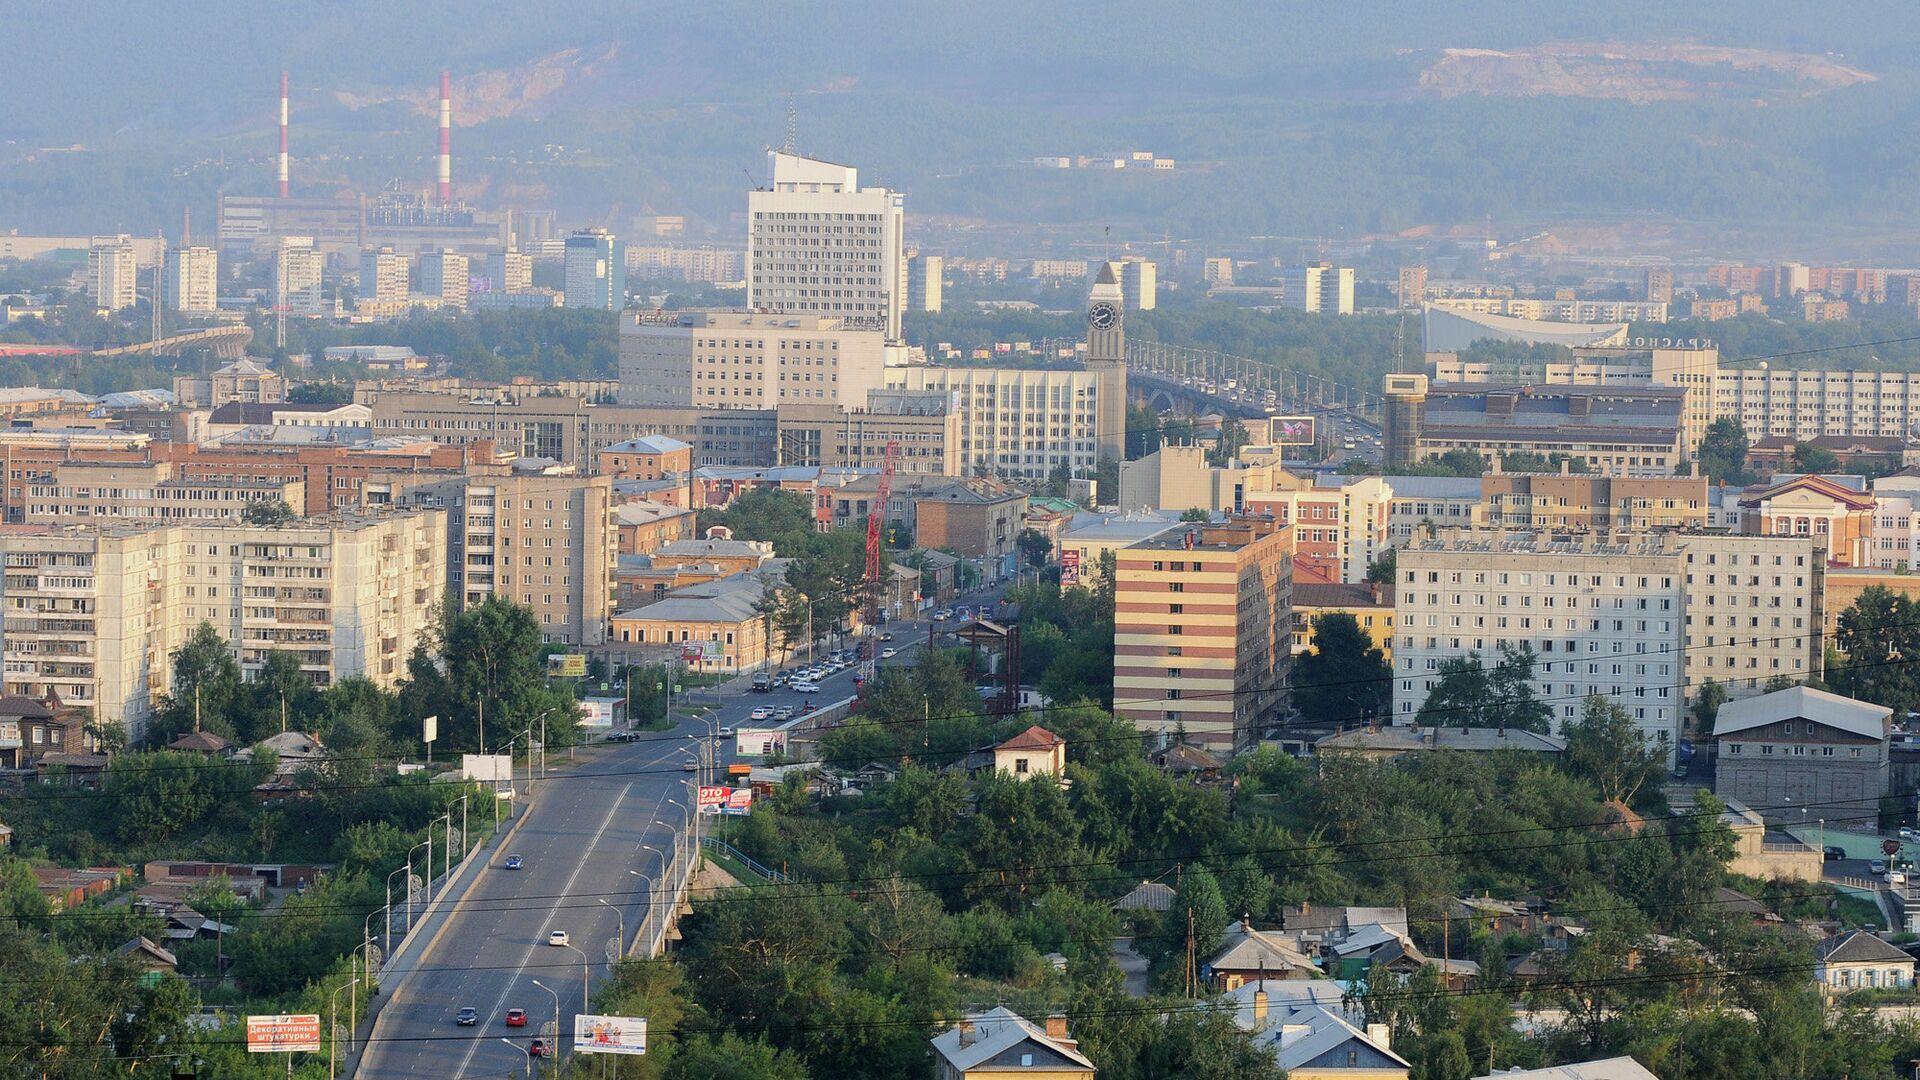 Красноярск, центр города - РИА Новости, 1920, 20.06.2021